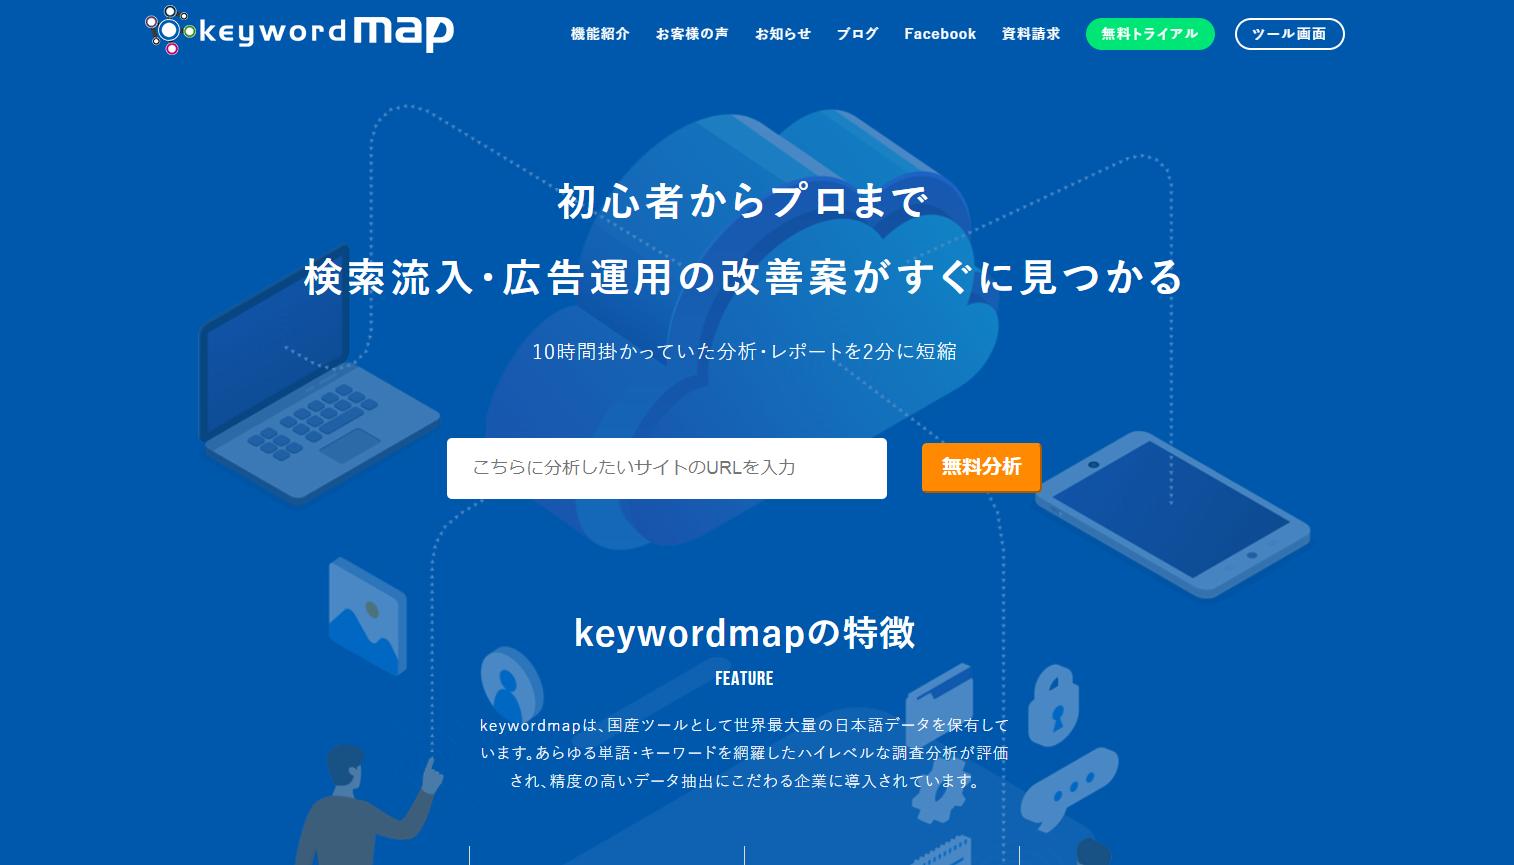 バズる記事、keywordmap